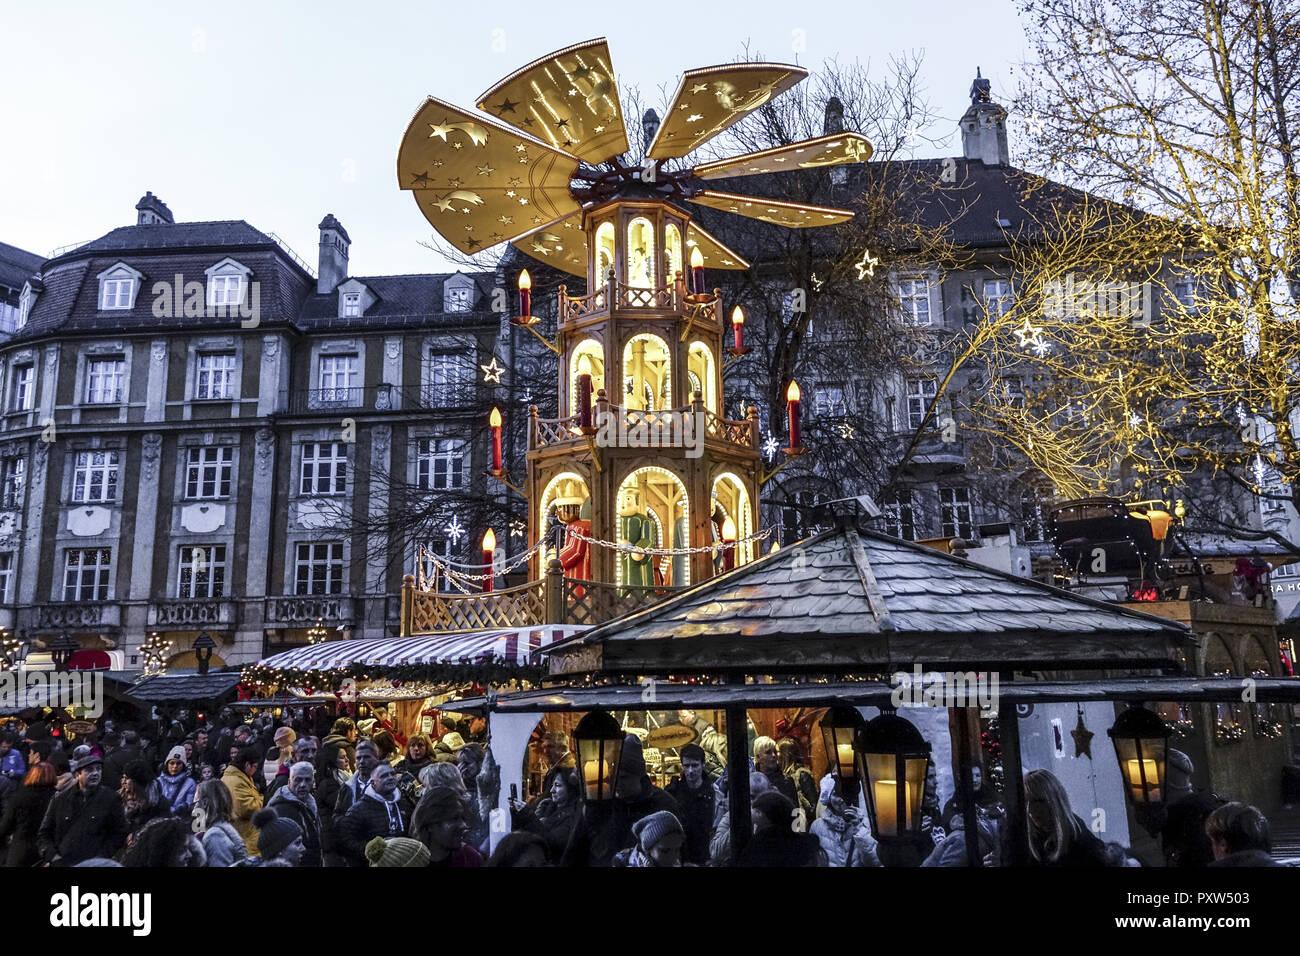 München Weihnachtsmarkt.Weihnachtsmarkt In München Bayern Deutschland Christmas Market In